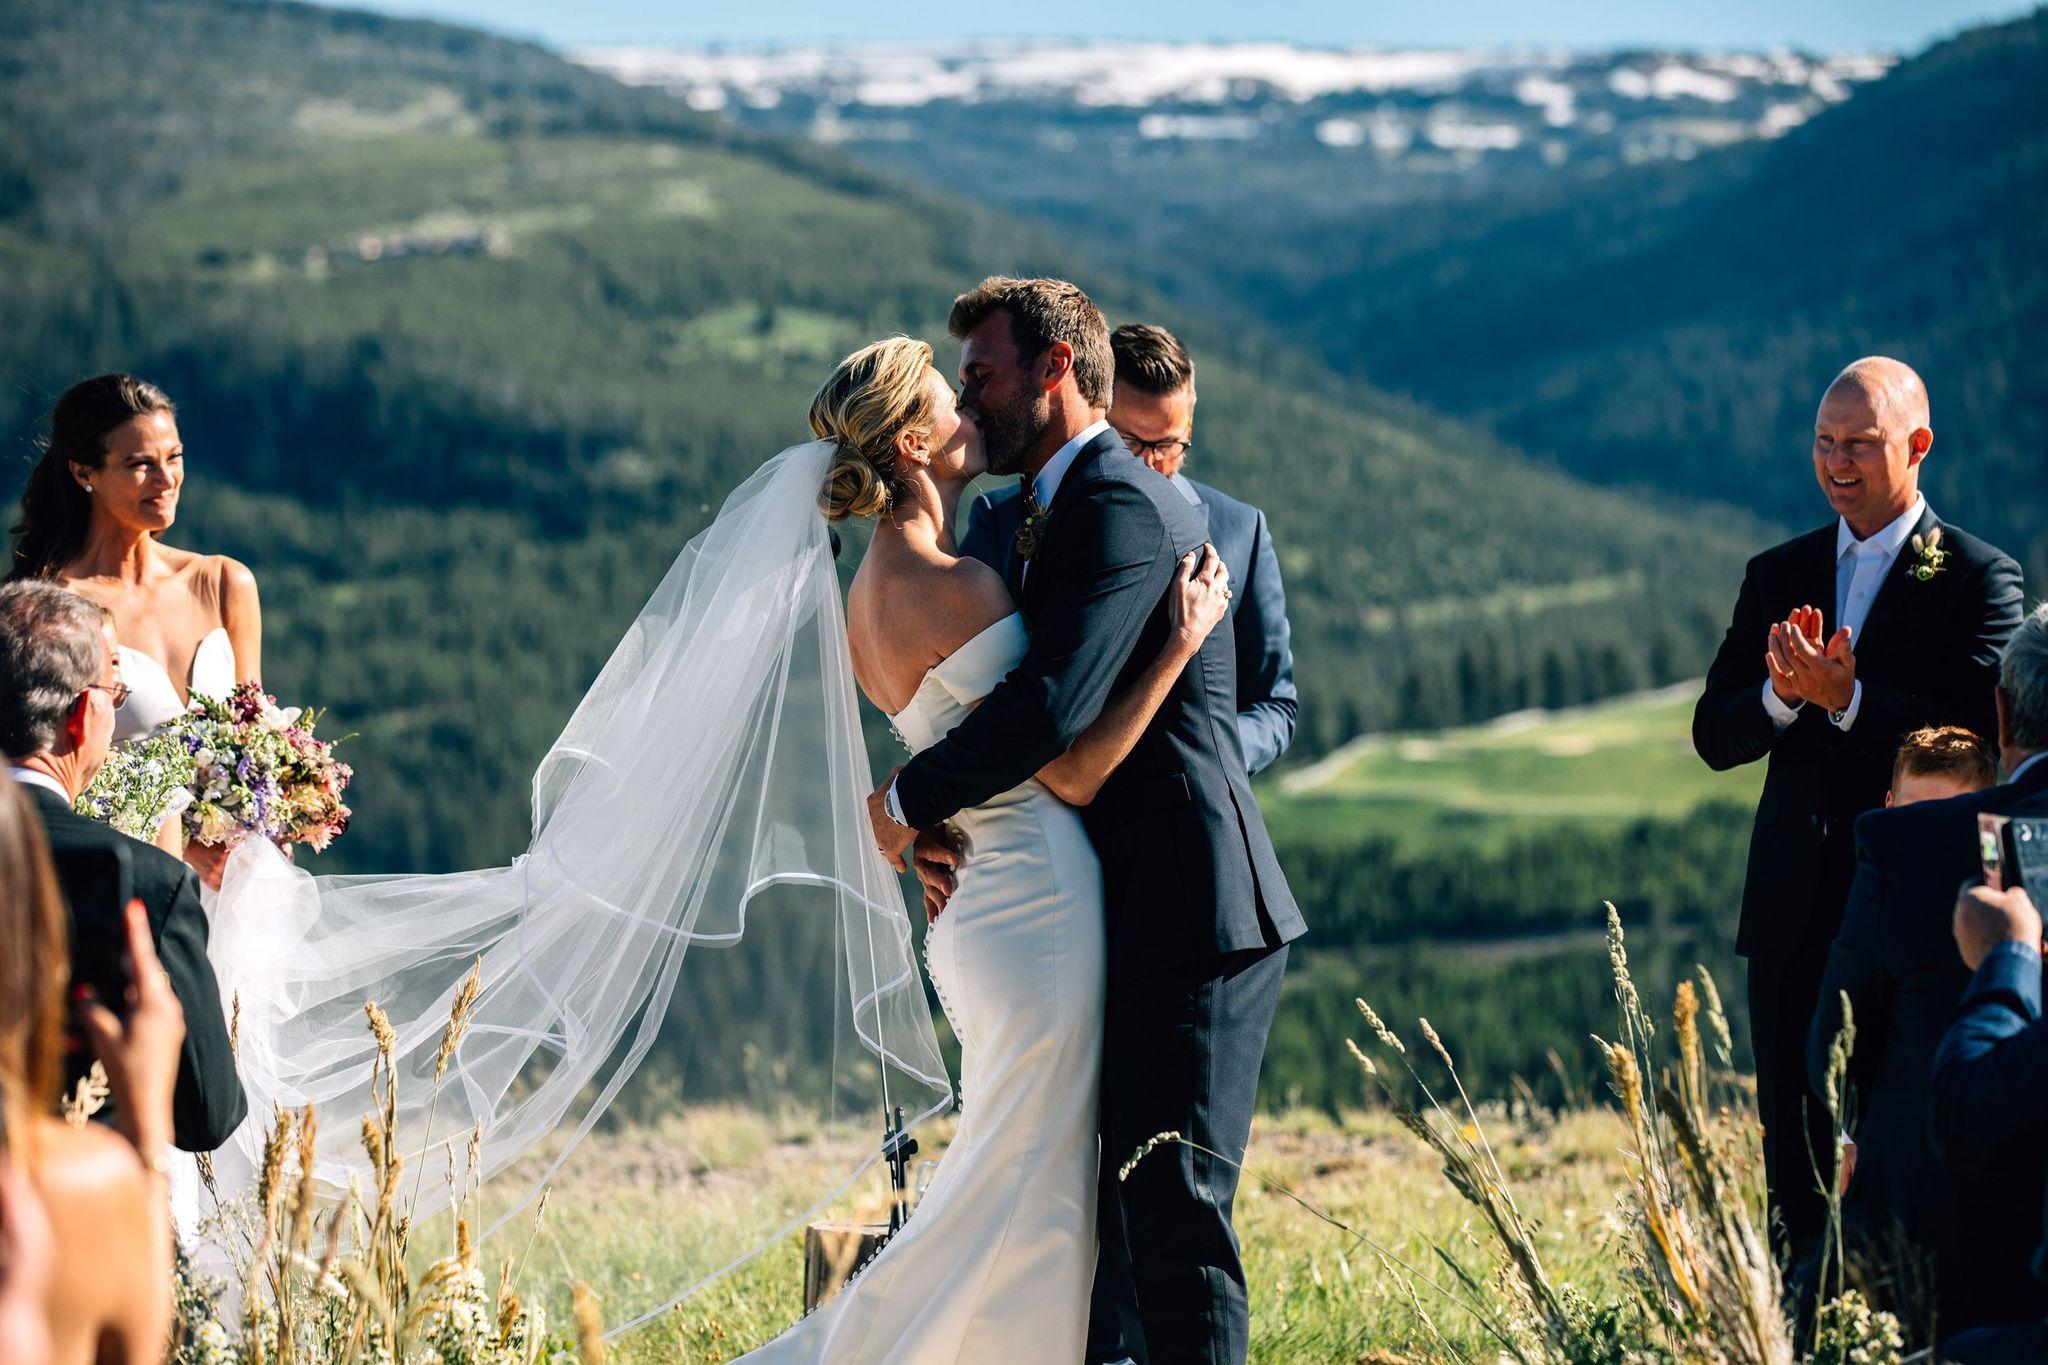 Carolina herrera wedding gown Gretta Gown Erin Andrews wedding